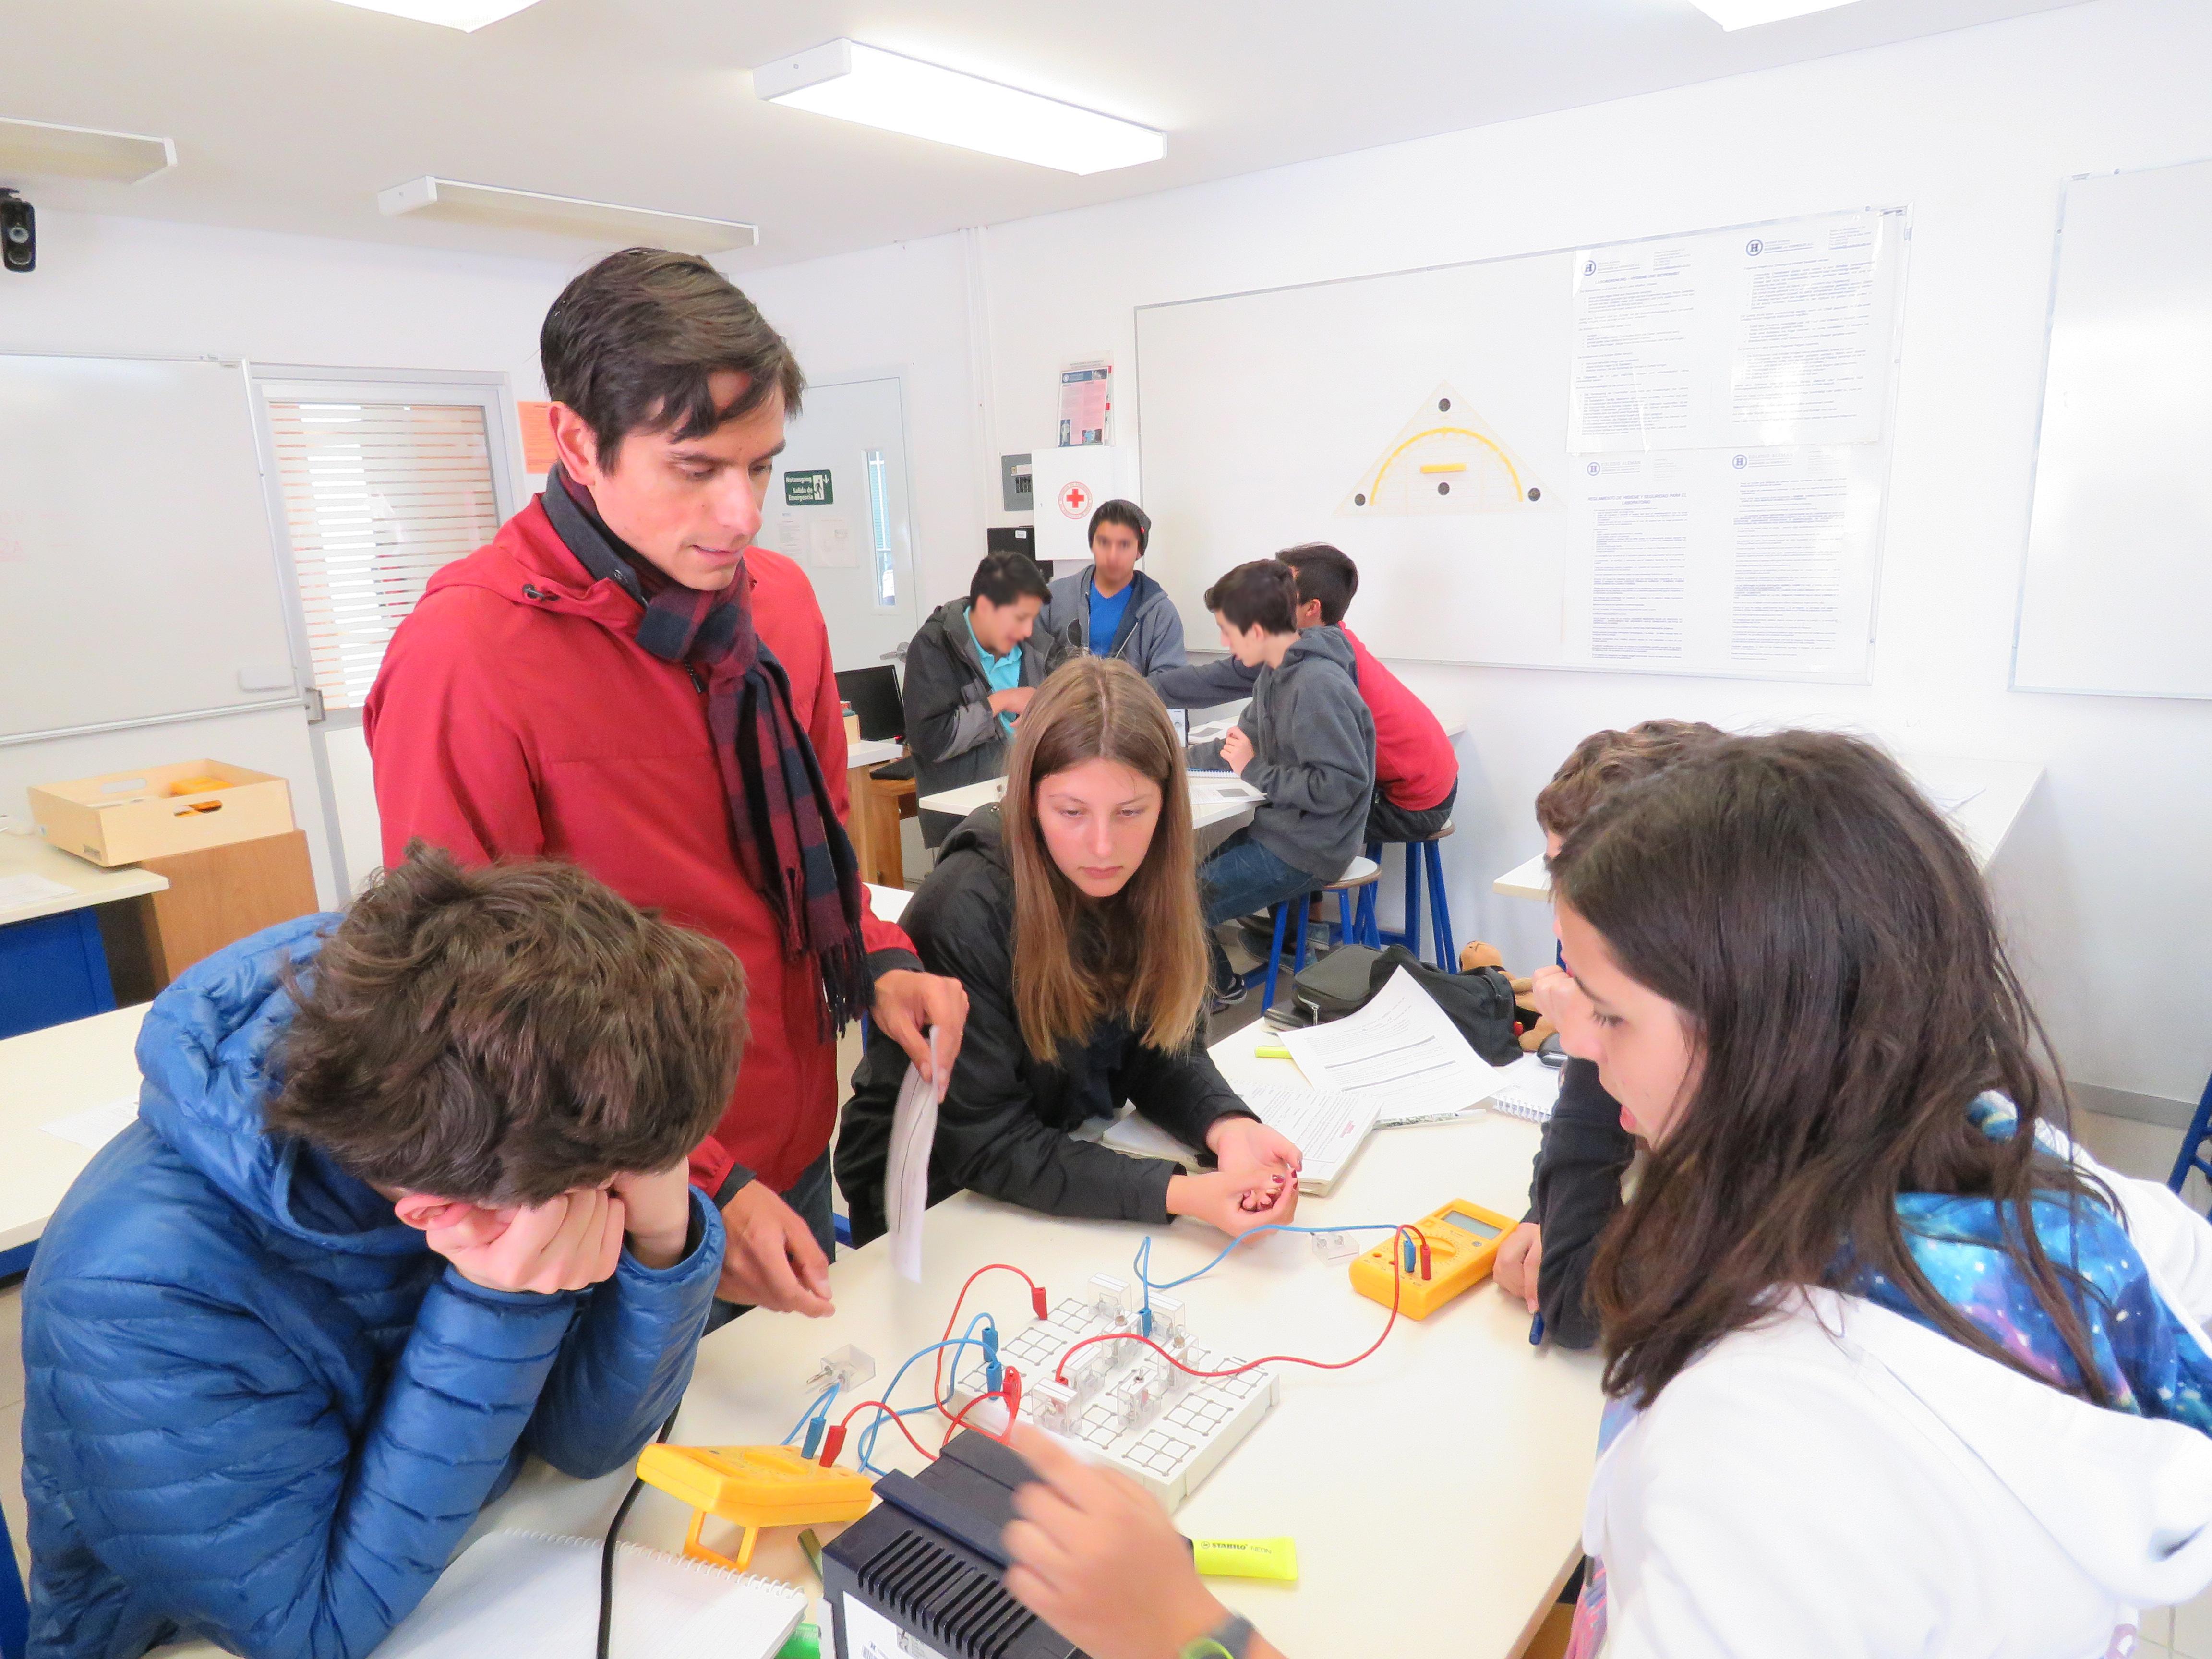 3-escenarios-futuros-por-los-que-le-conviene-a-sus-hijos-estudiar-la-secundaria-en-el-colegio-aleman